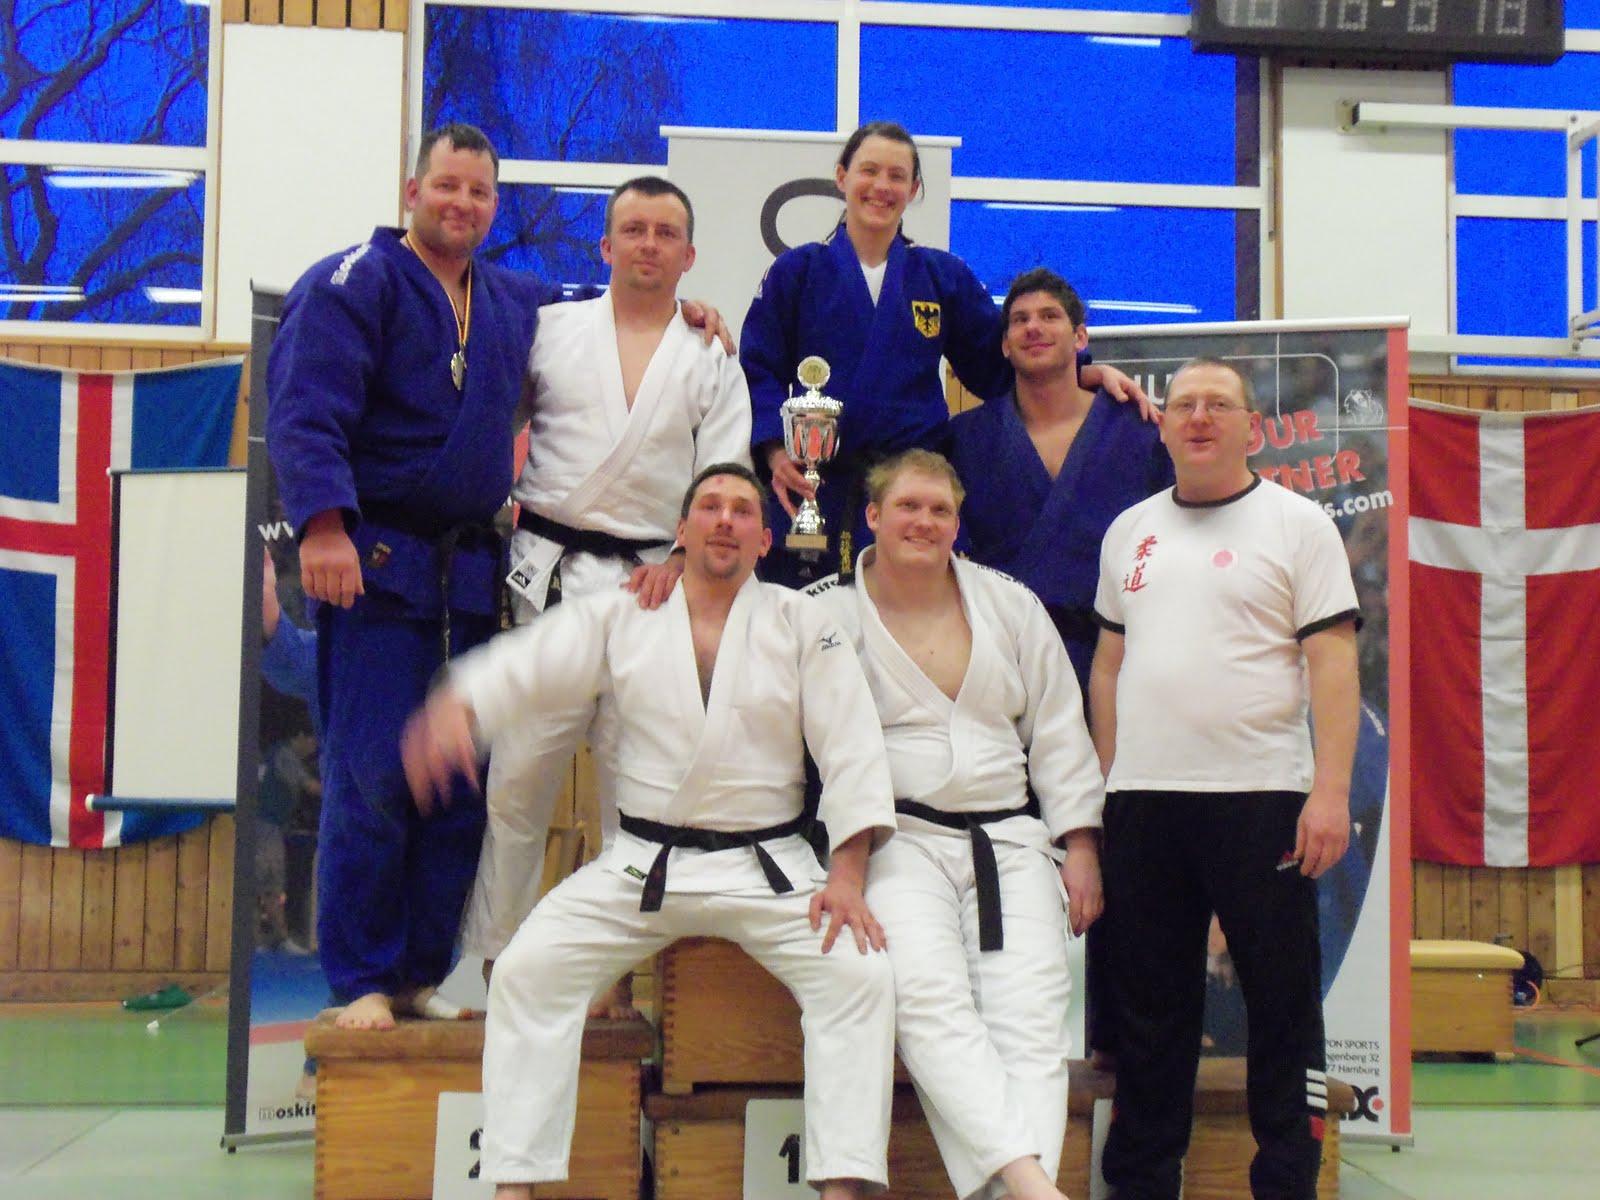 Bildergebnis für manja keller judo